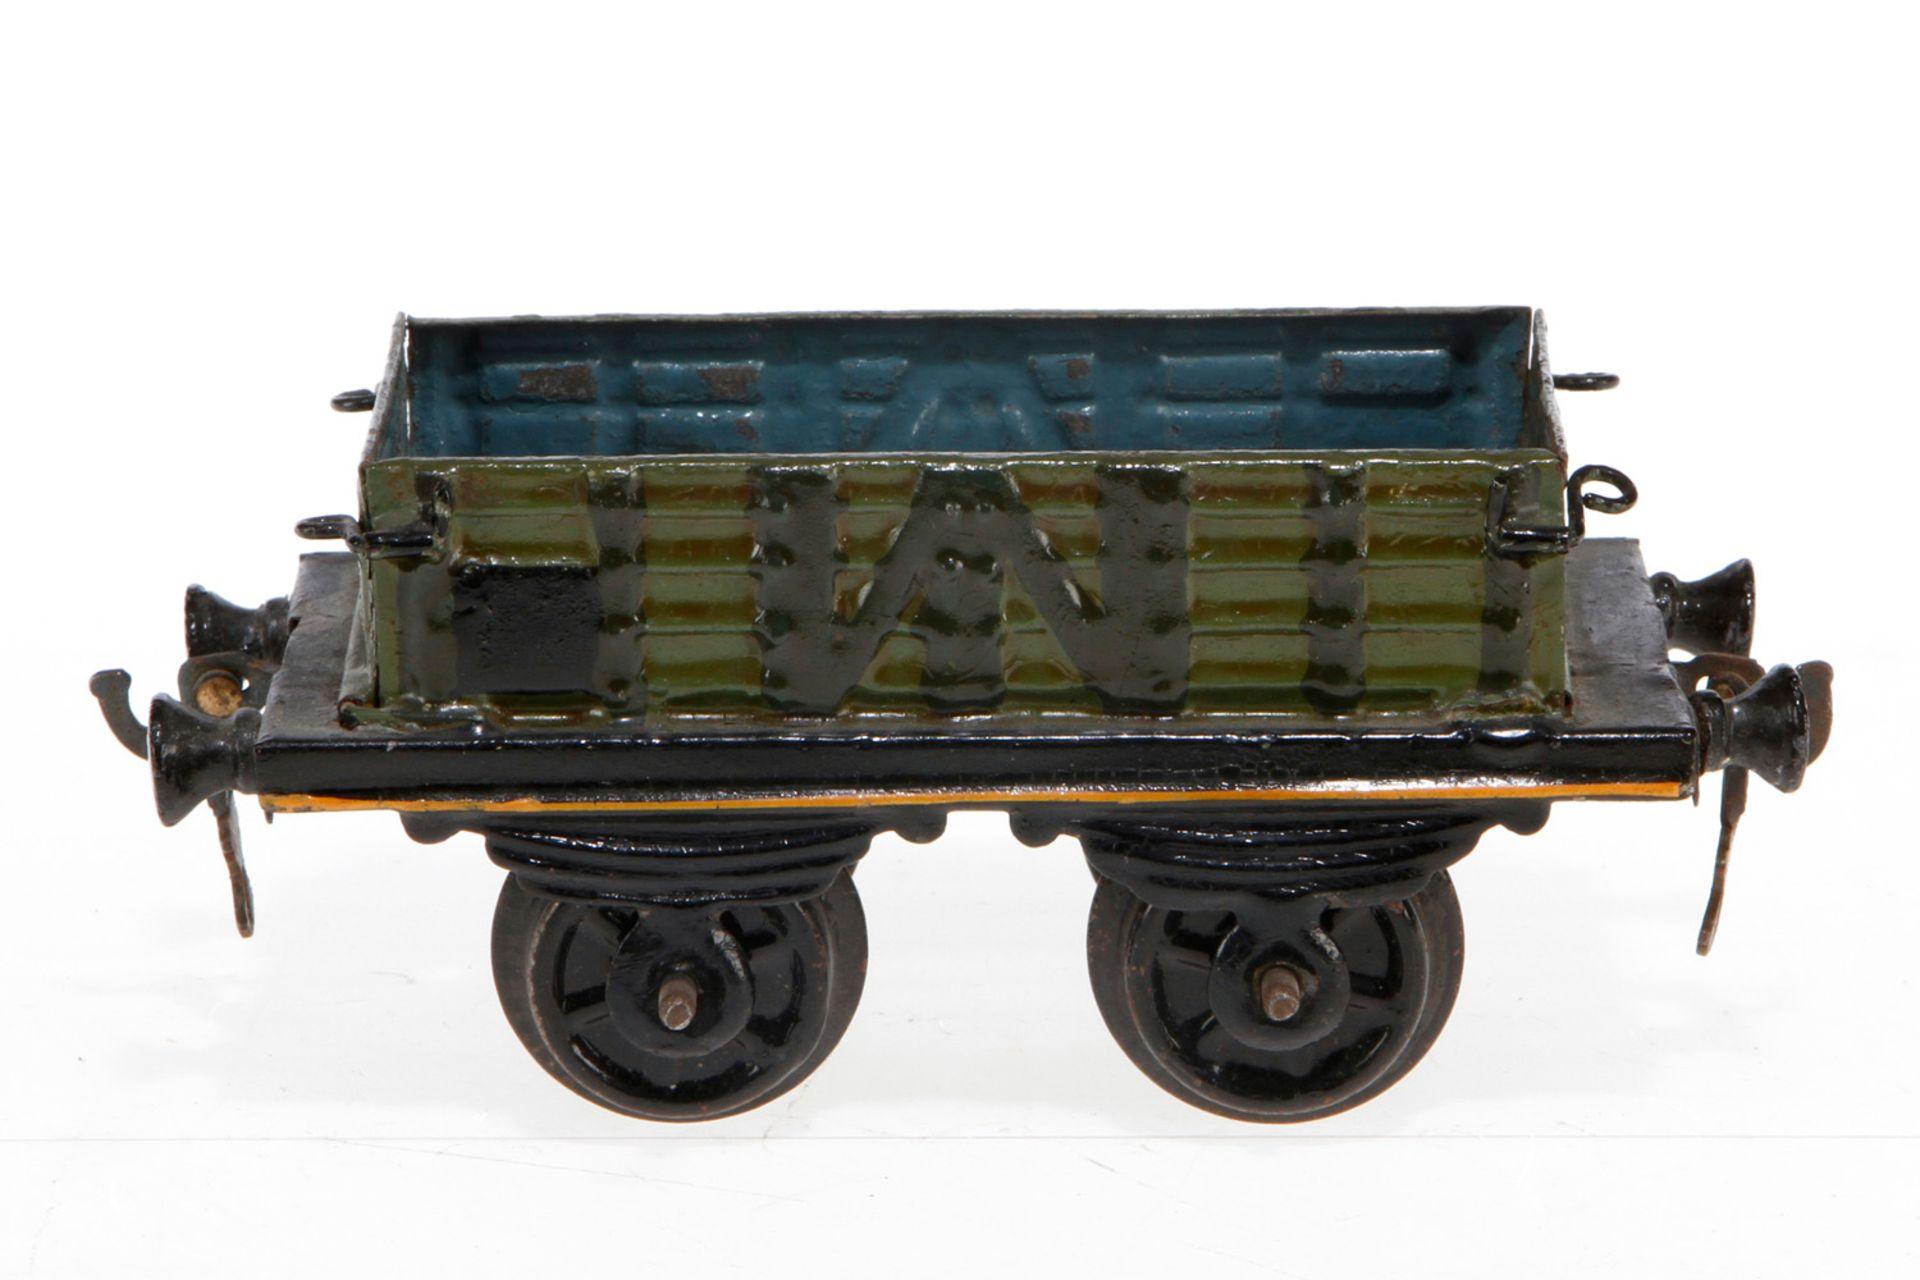 Plank offener Güterwagen, S 1, uralt, HL, Stirnwände zum Abklappen (1 lose), LS tw ausgebessert,